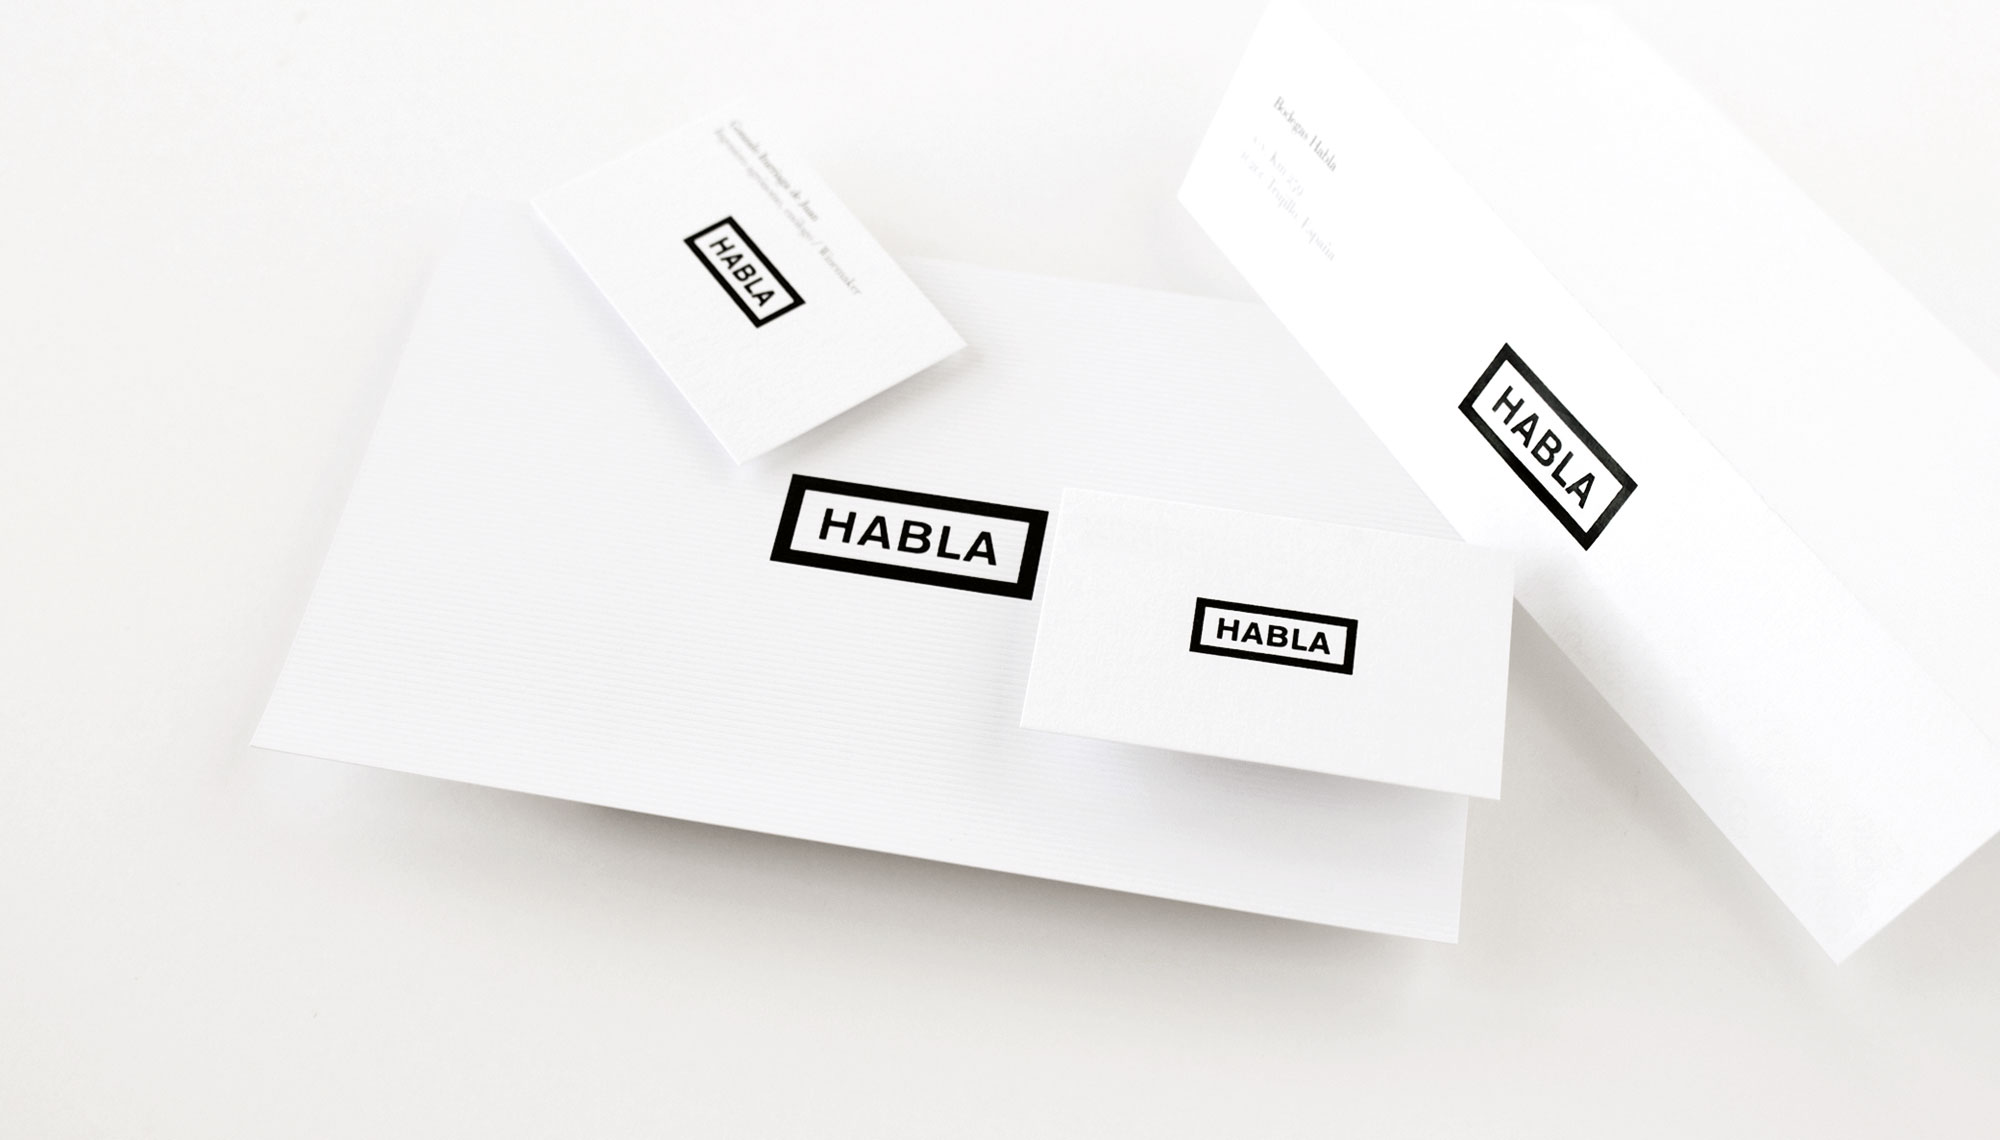 diseño de los vinos Habla - identidad corporativa - Valentín Iglesias